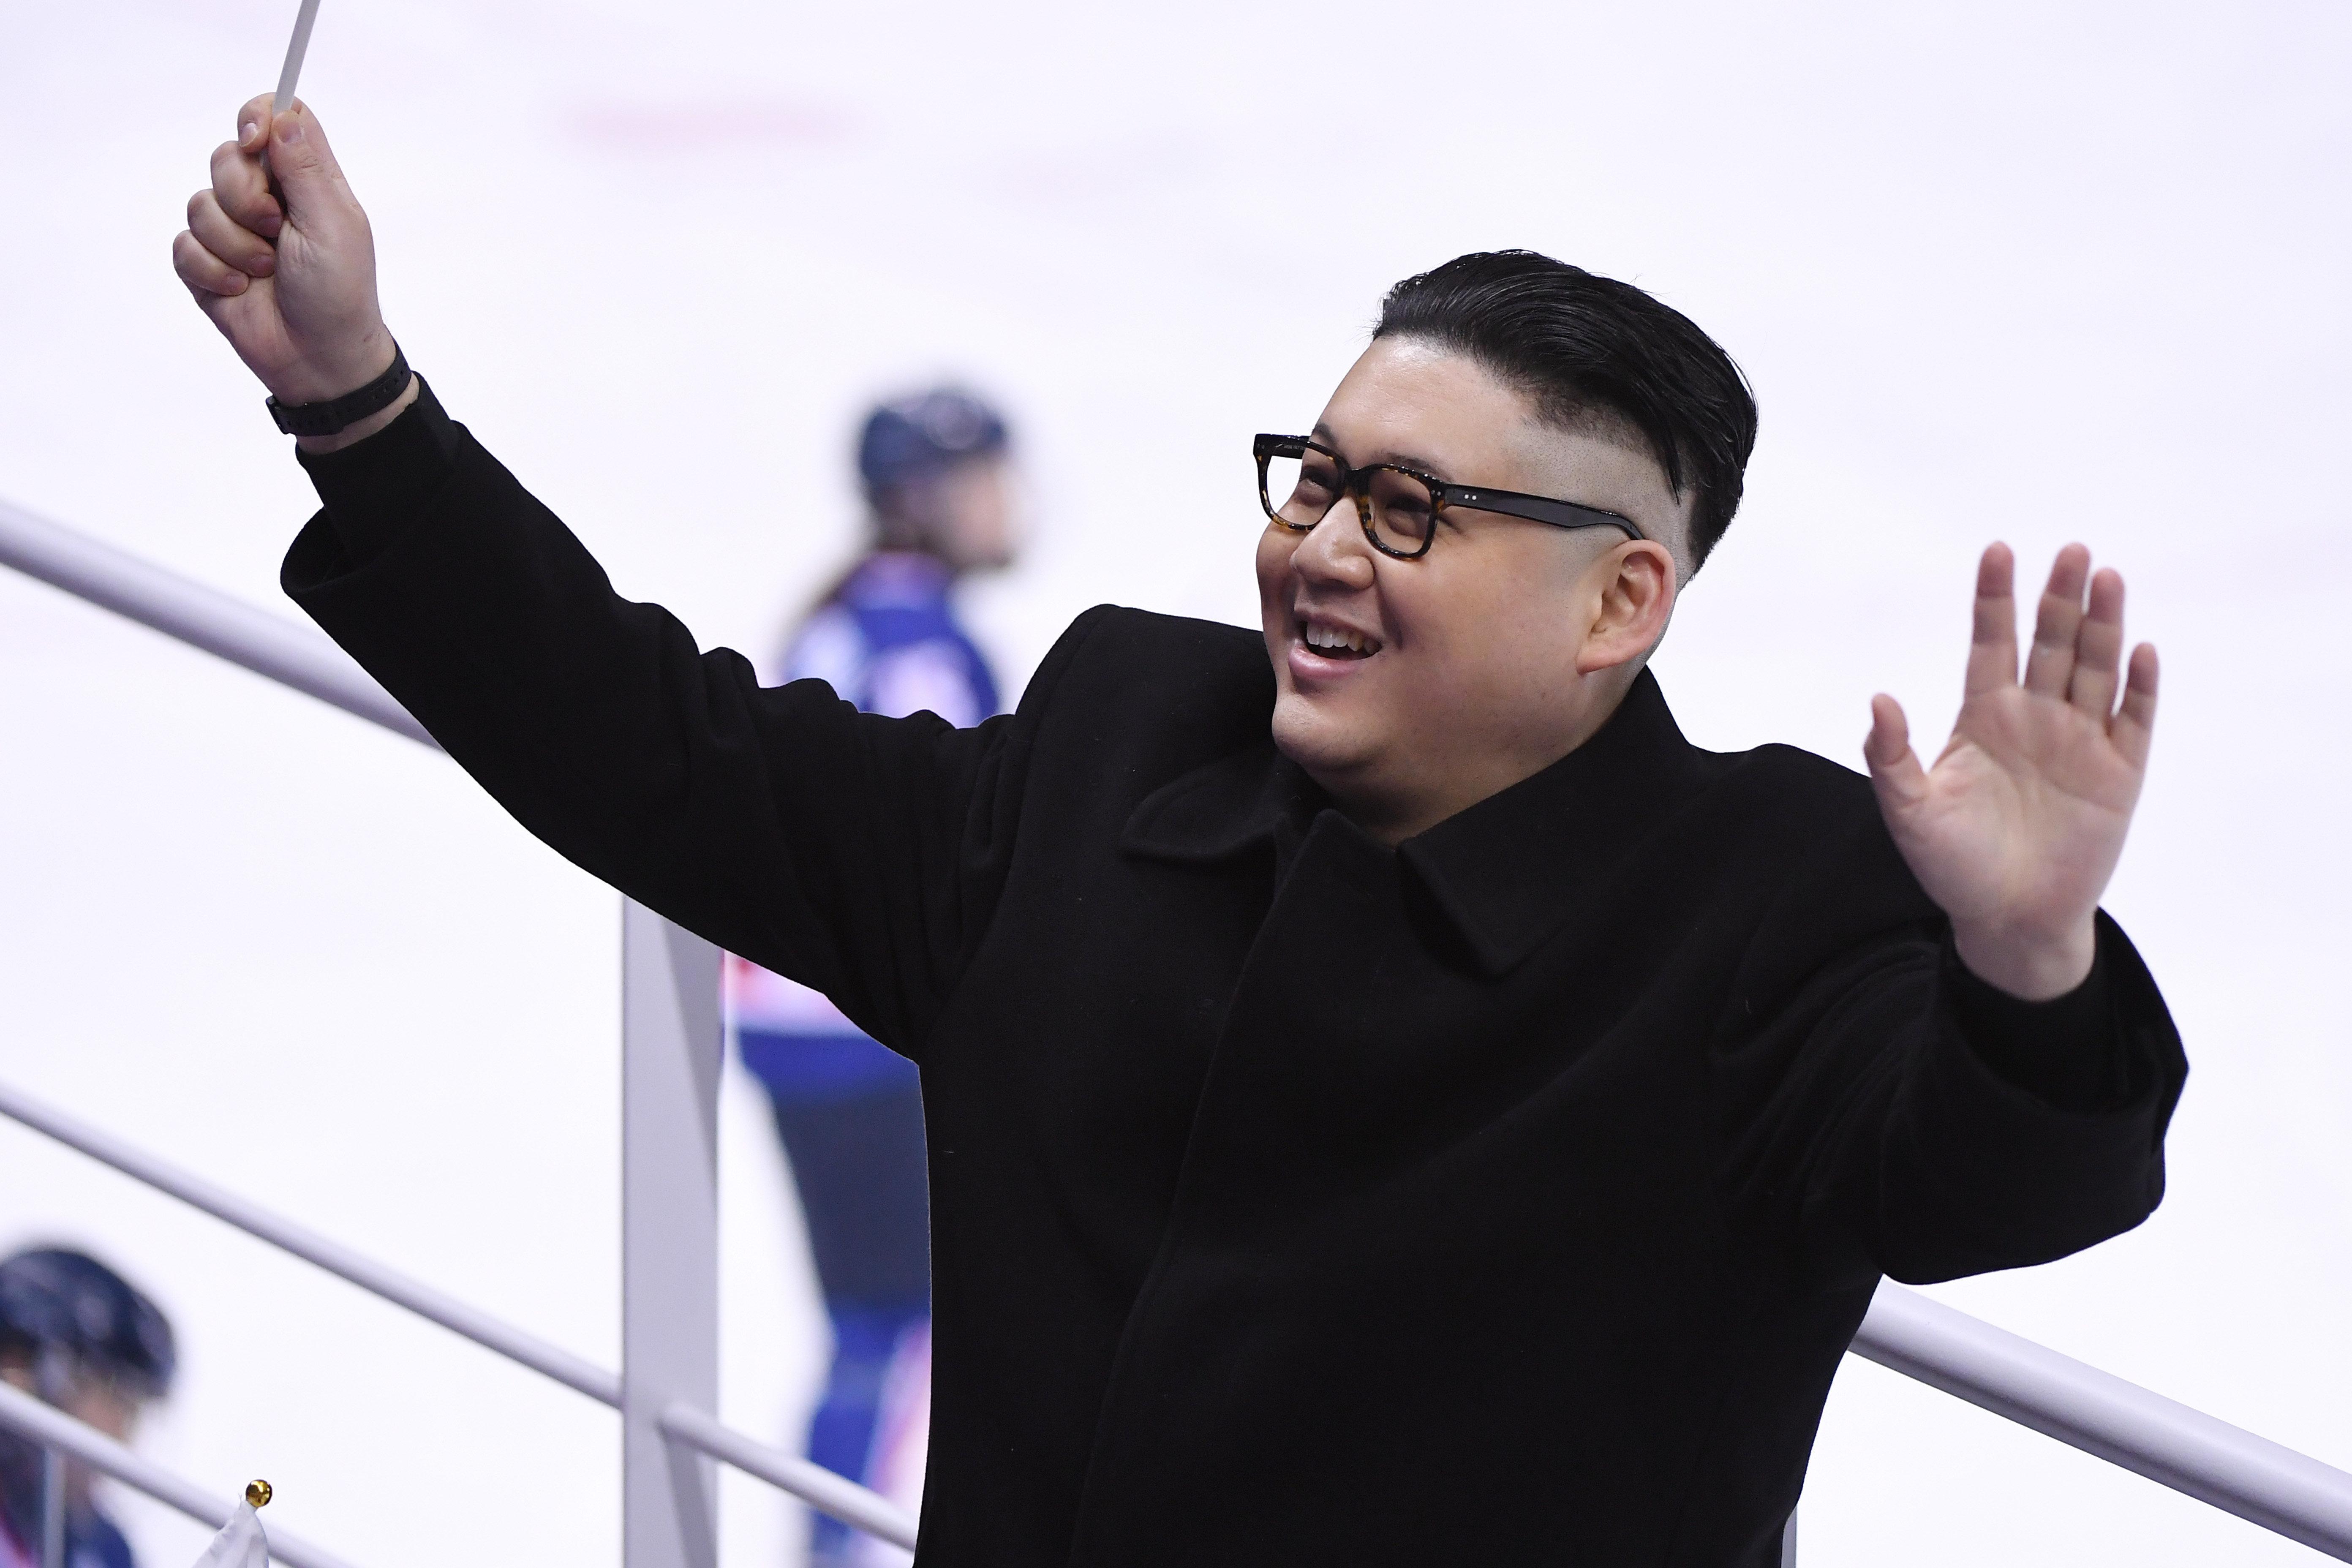 이 남자를 본 북한 응원단은